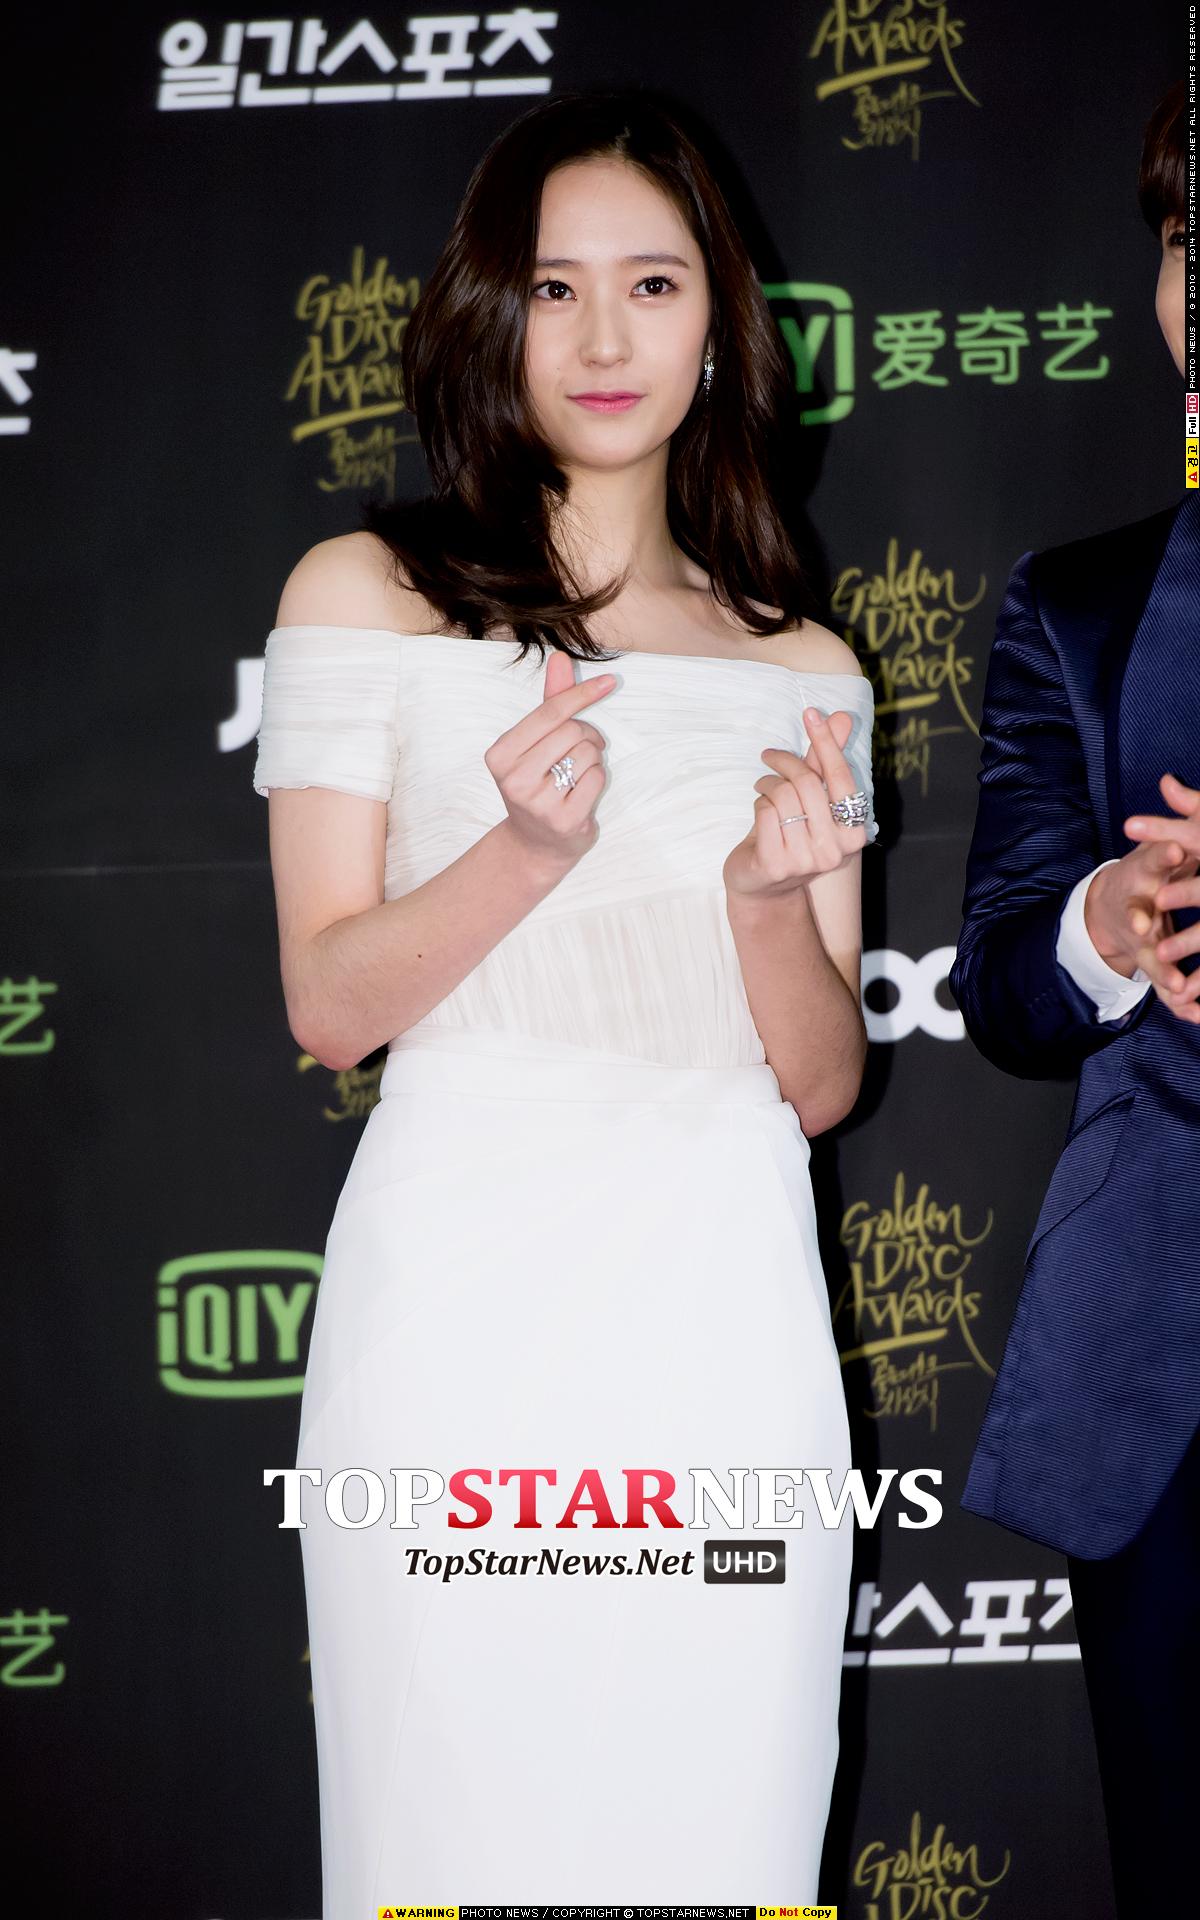 ♥ f(x) Krystal  「冰山美人的稱號真的很適合 Krystal。」、「秀晶和 Krystal 都一樣迷人,不愧是無修圖的代表。」